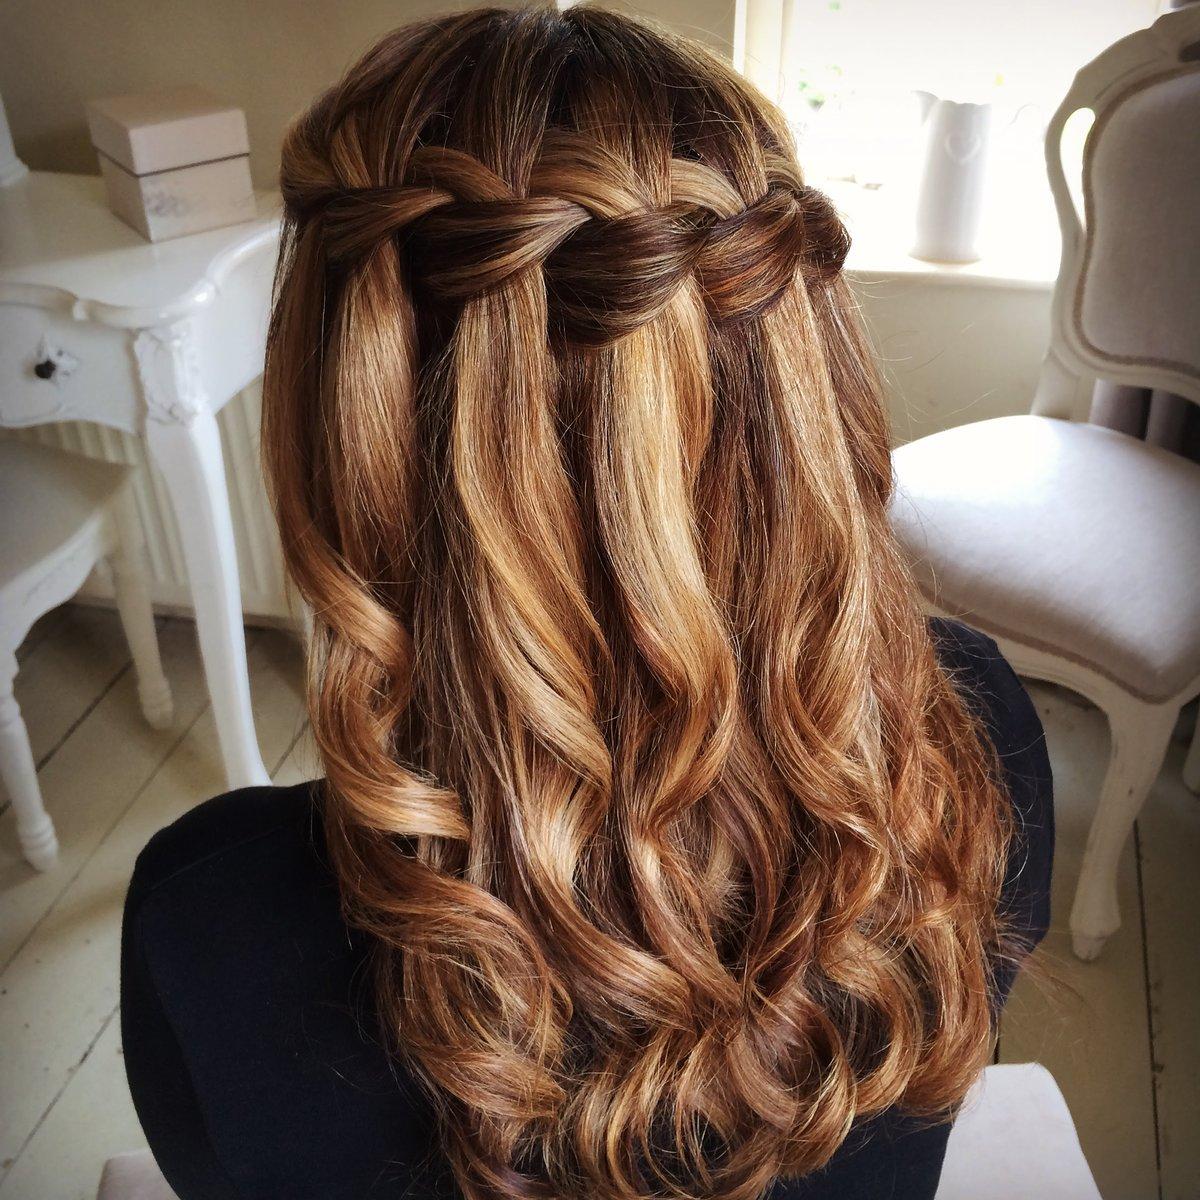 Прически на длинные волосы с плетением и локонами фото